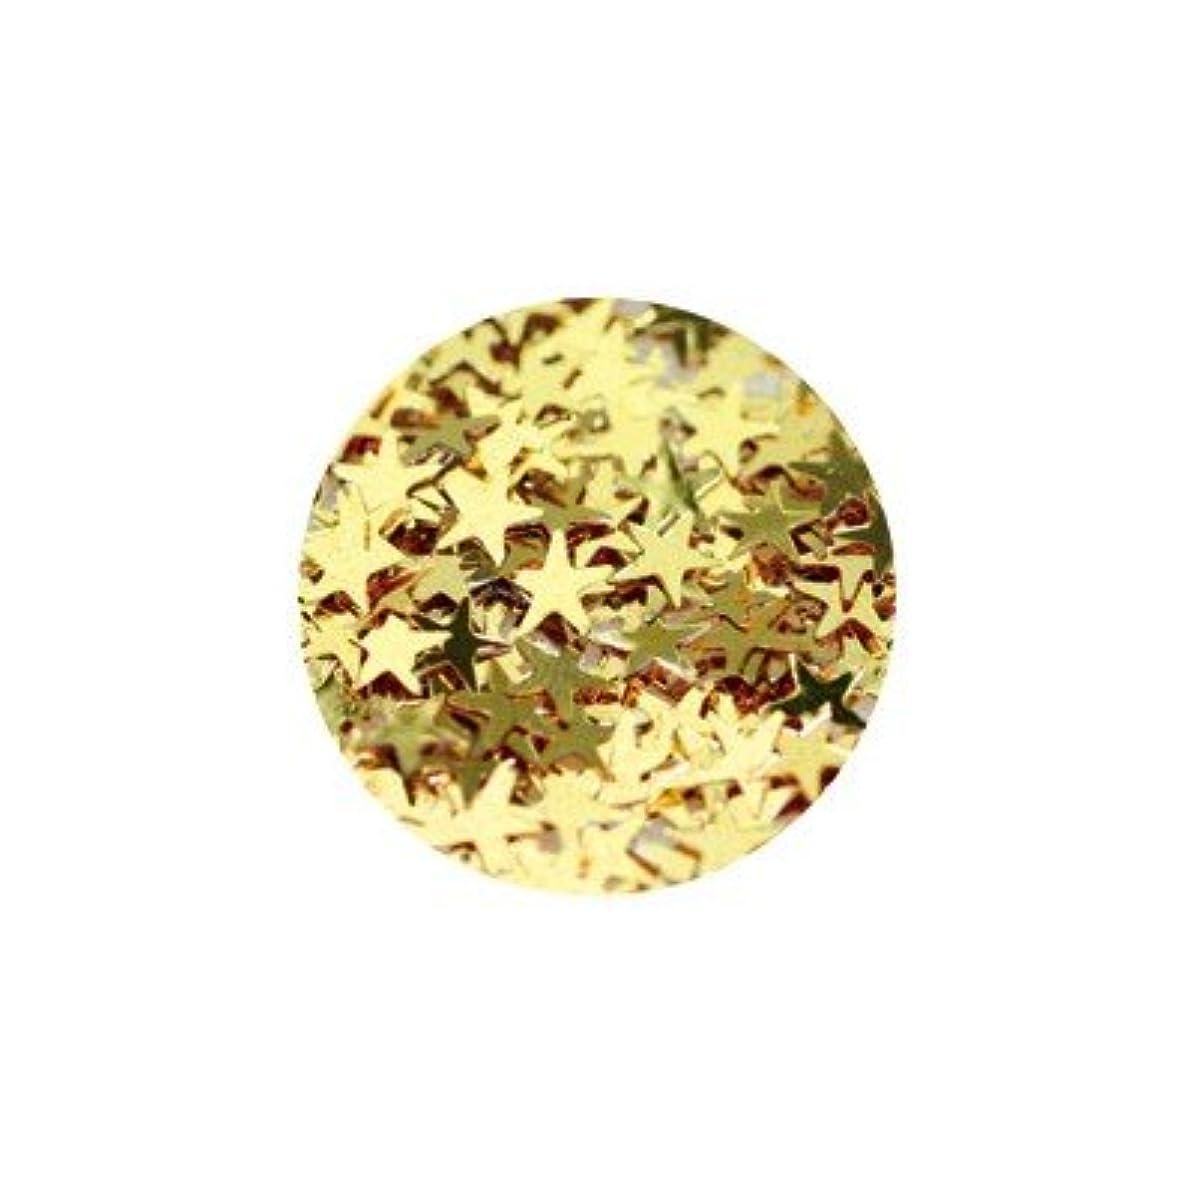 位置づける拮抗する病なキラキラ ゴールド スター 3mm